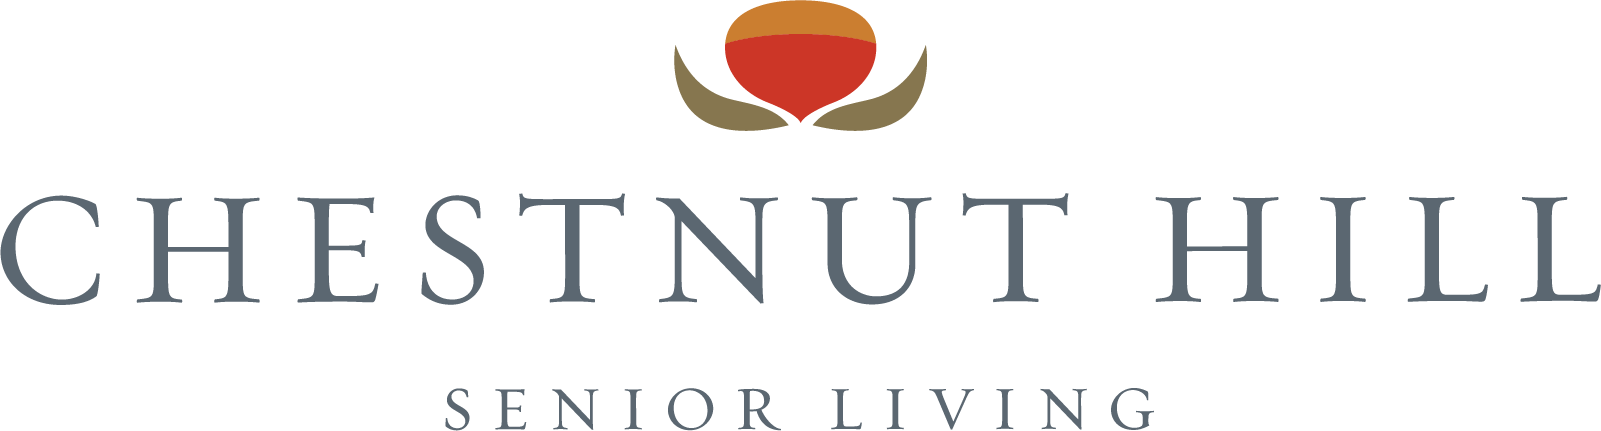 Chestnut Hill Senior Living